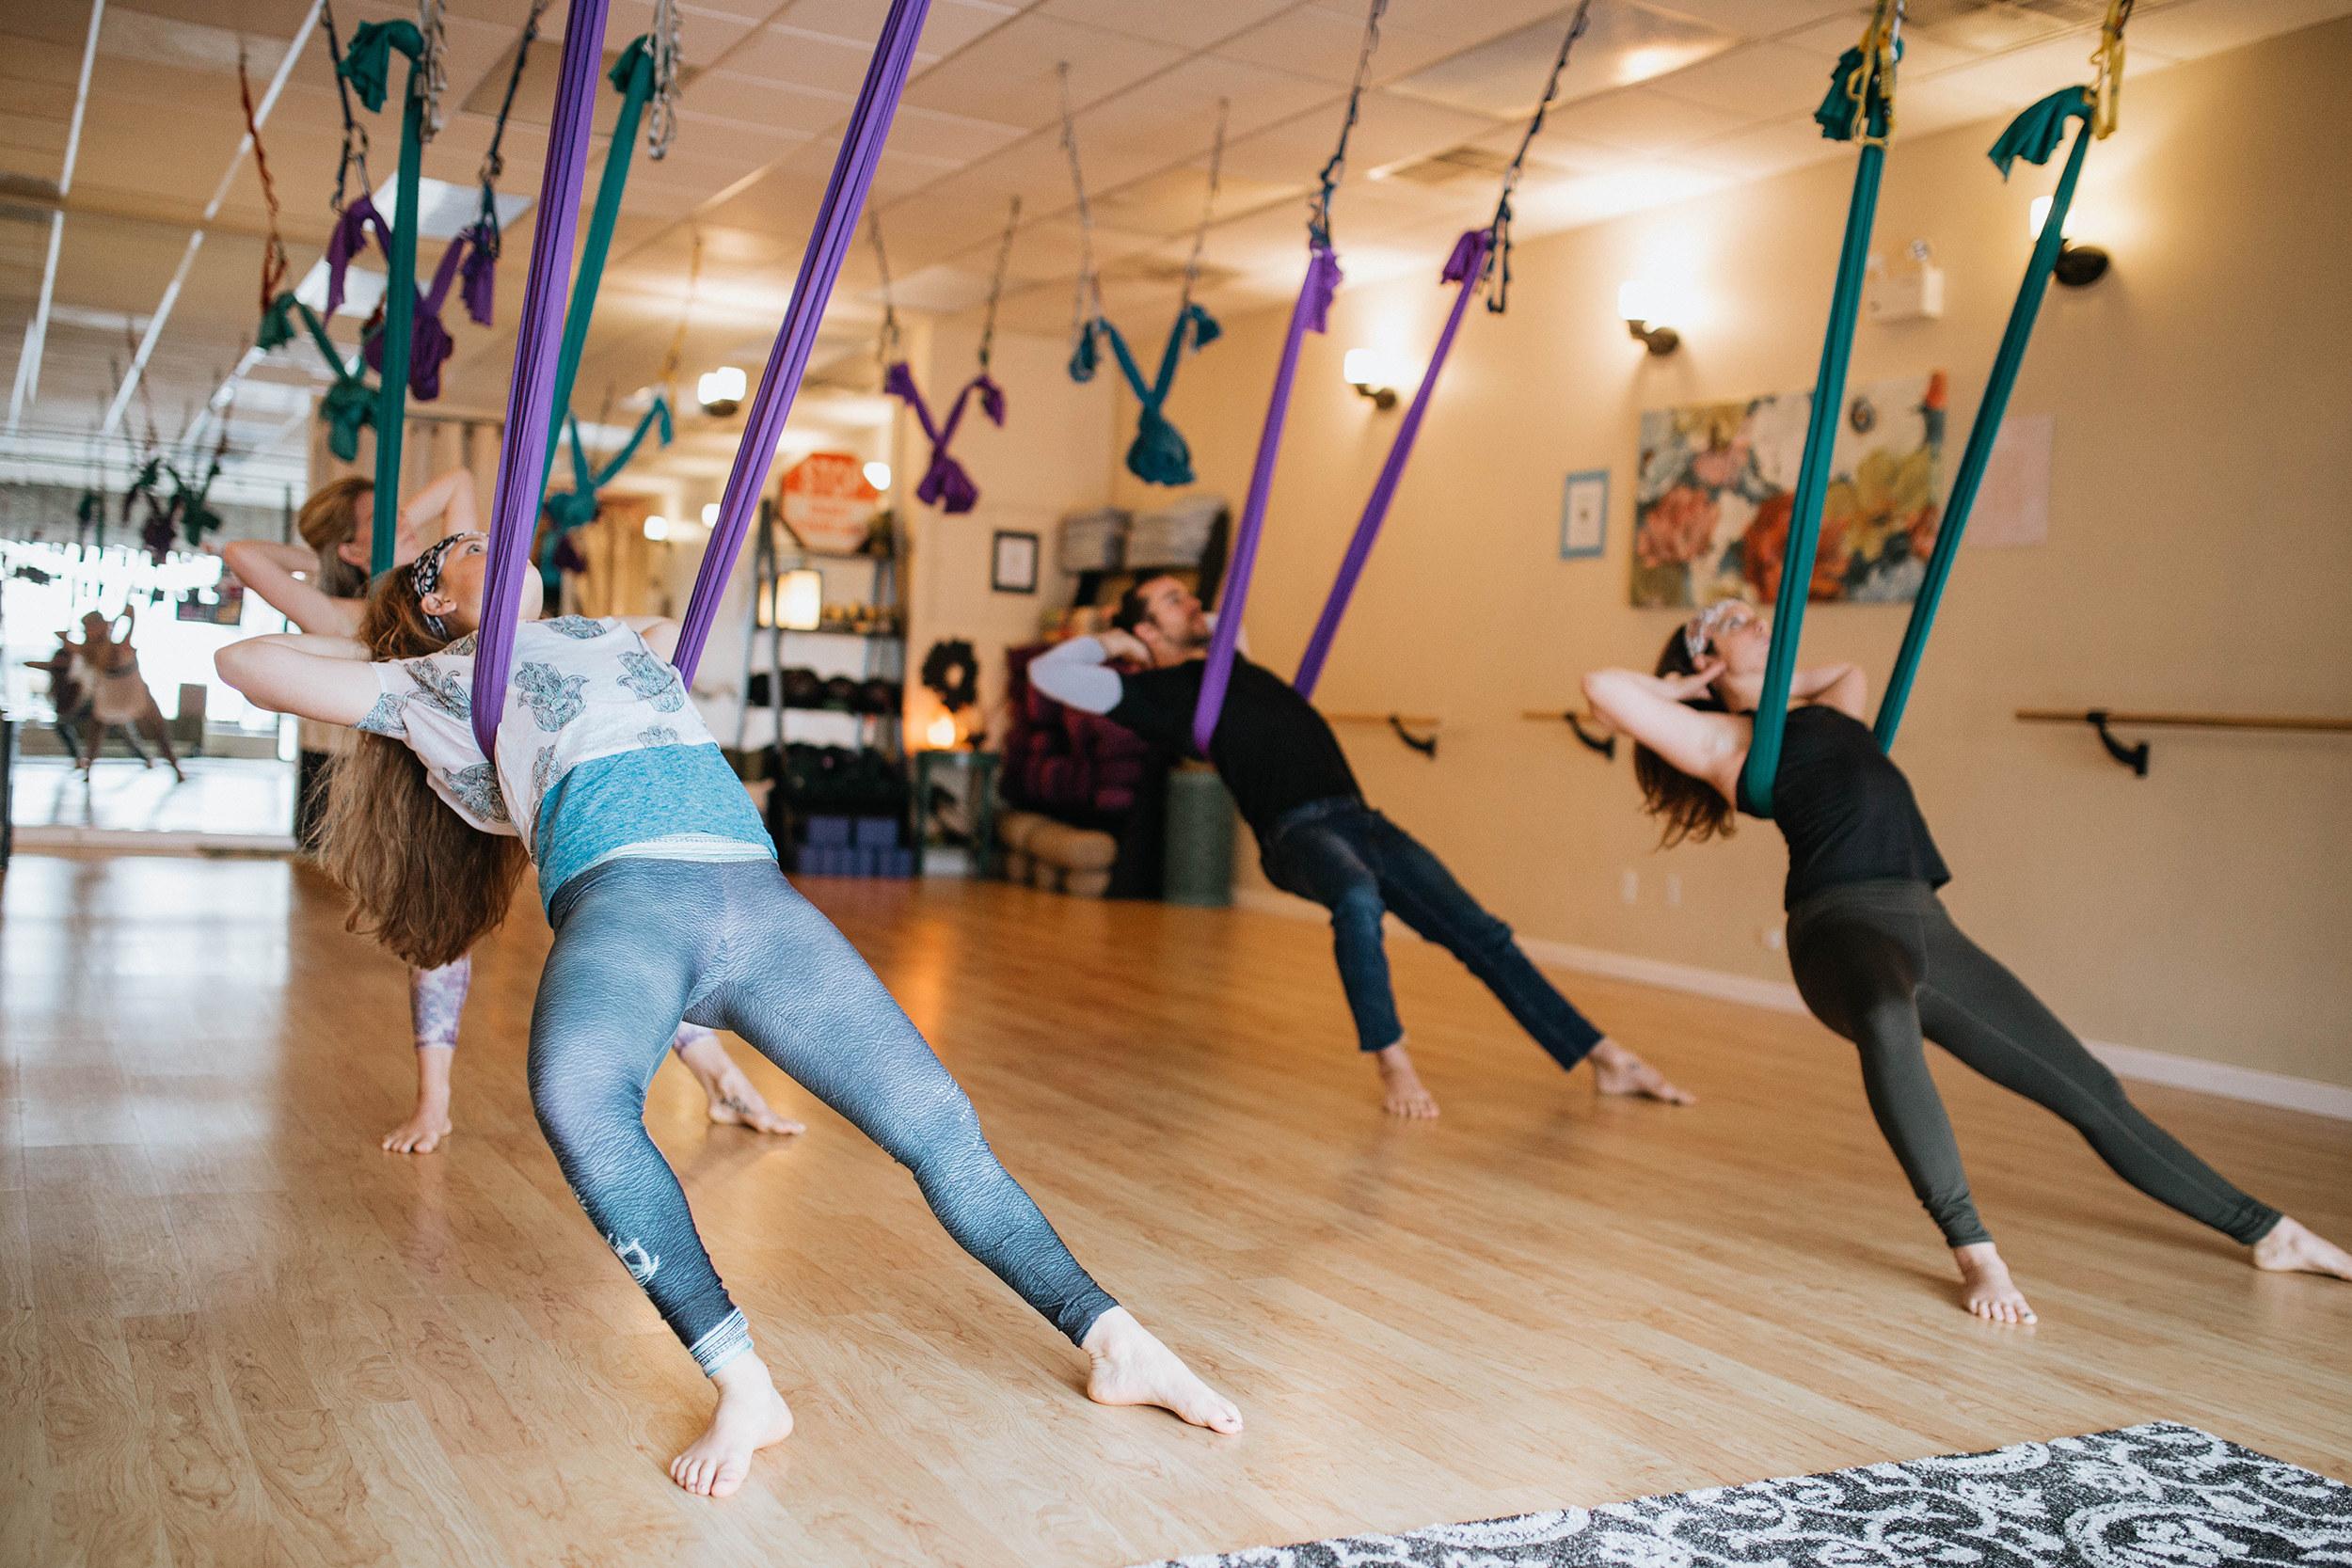 Aerial Yoga - Om My Yoga